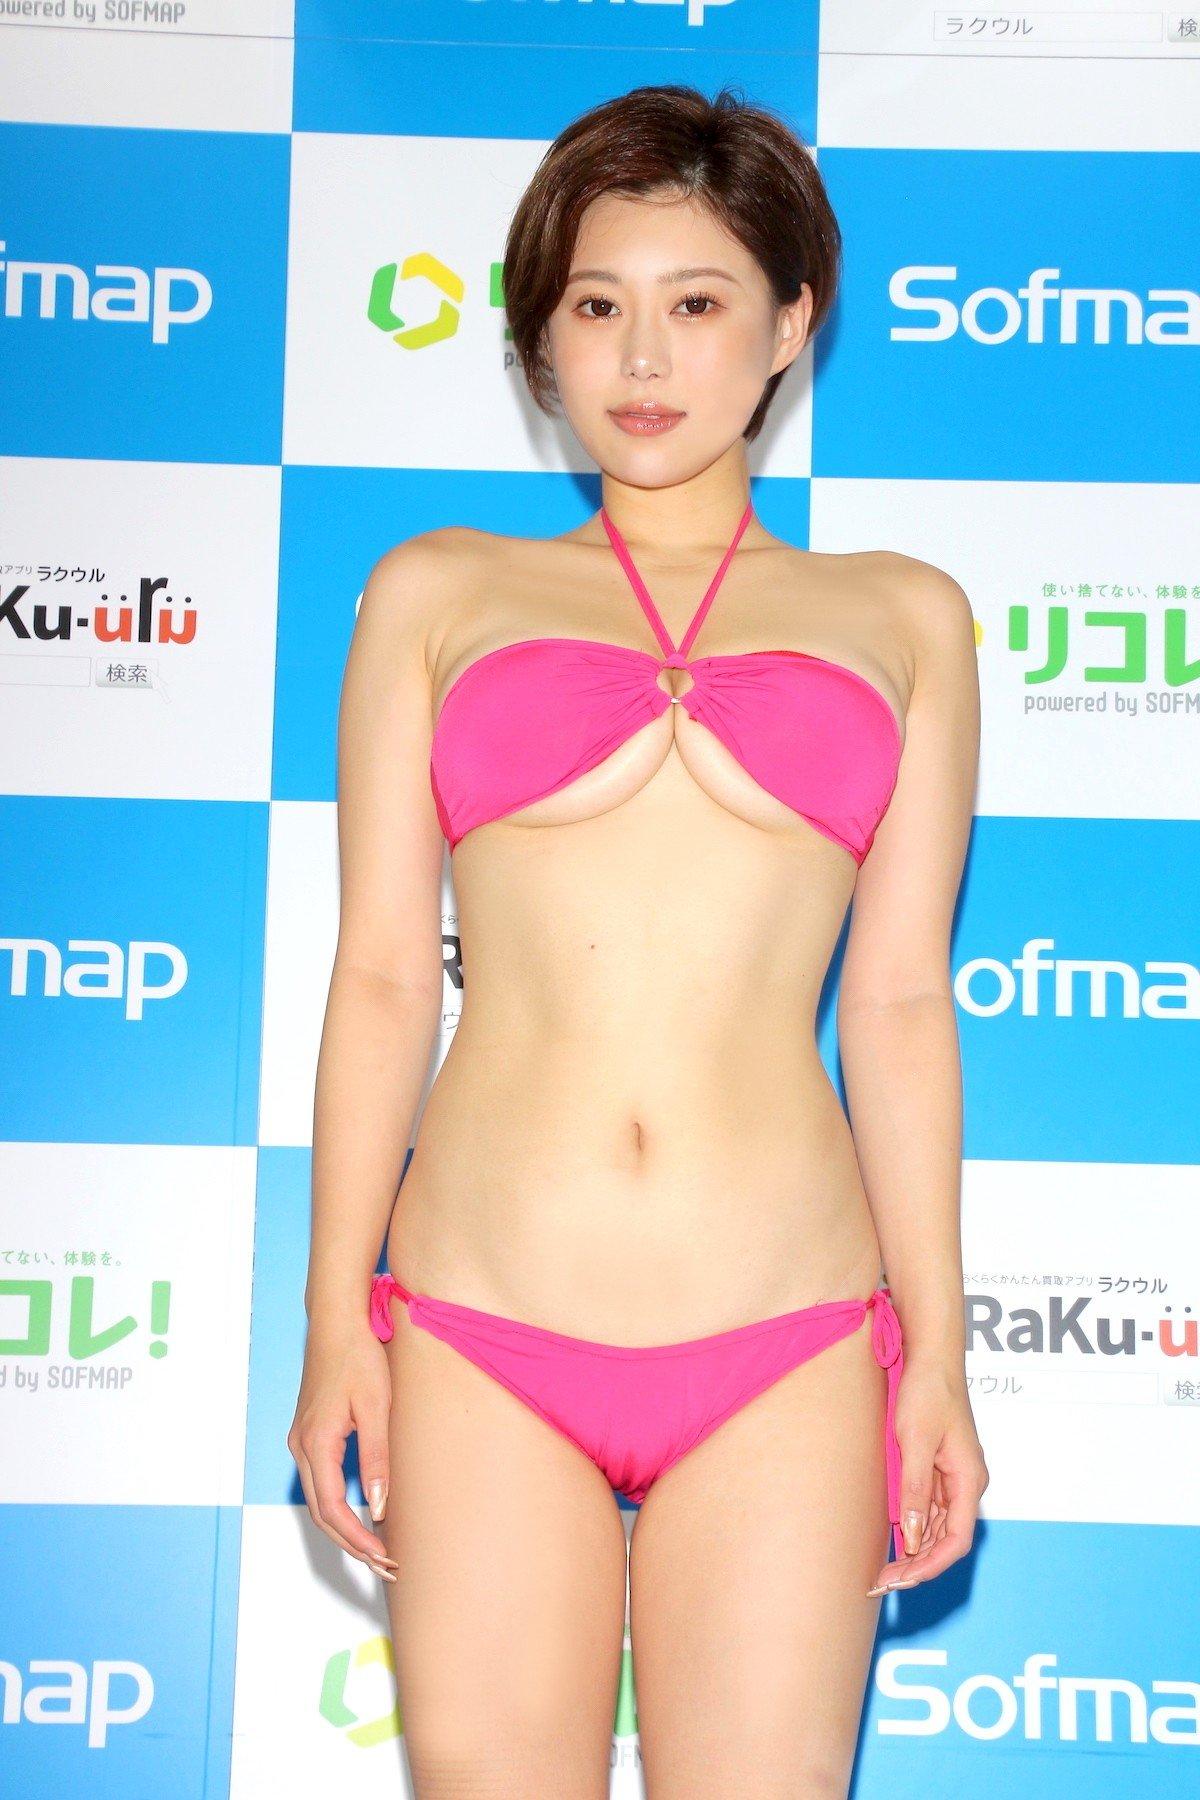 山本ゆう「裸エプロンってワードだけで」本当に何も下に着てない【画像58枚】の画像004